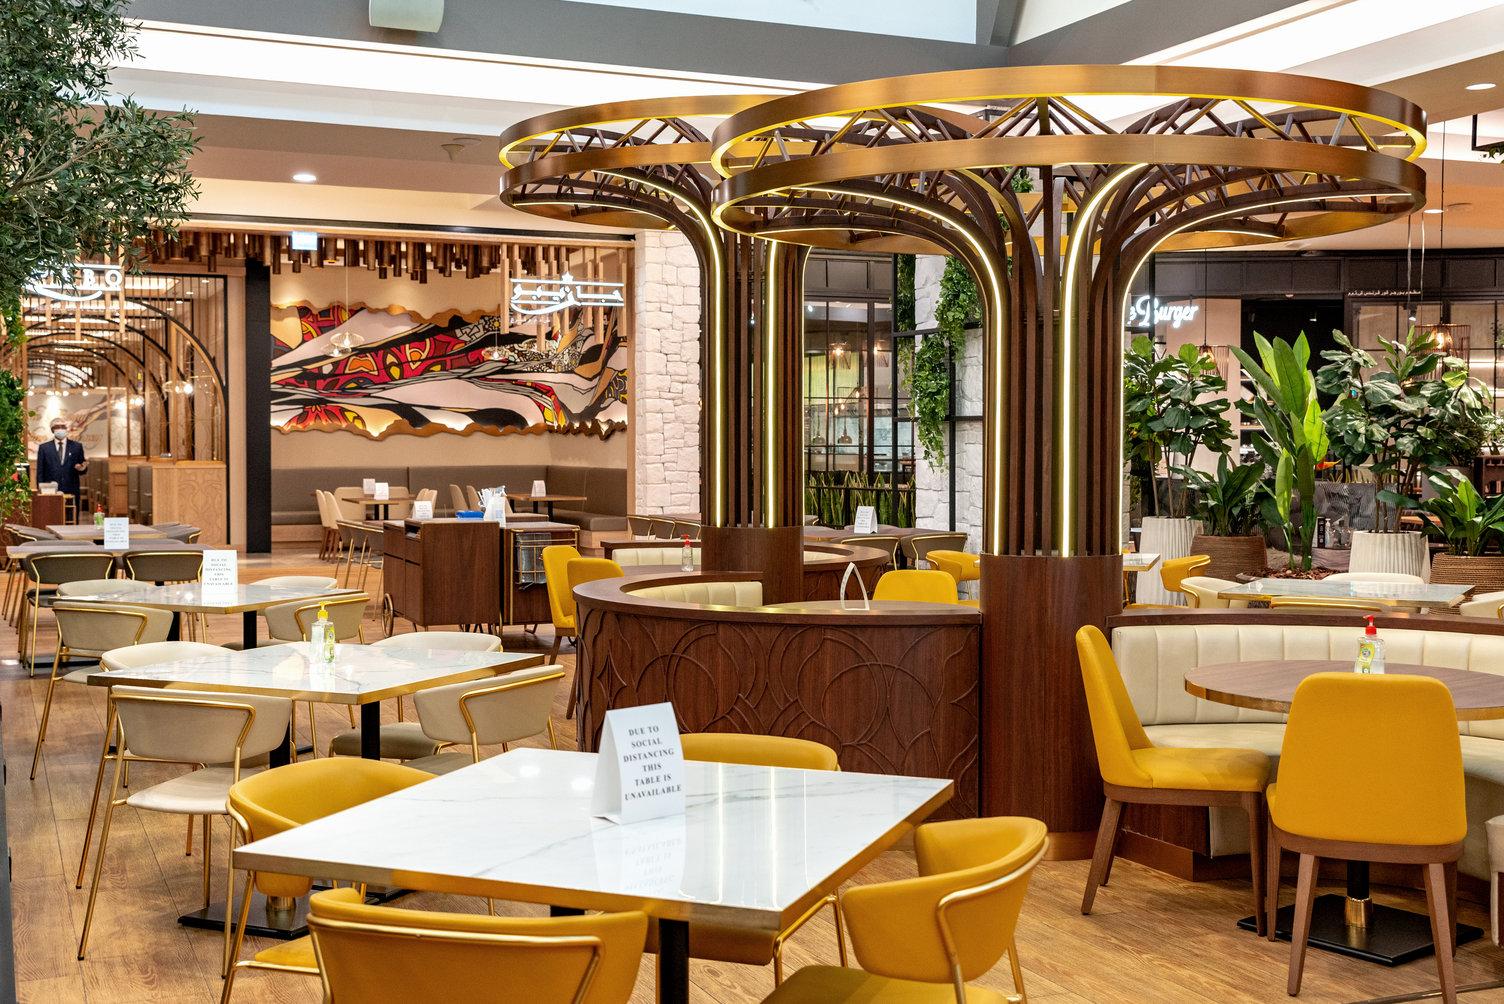 Gazeebo at The Mall of the Emirates – Dubai, UAE